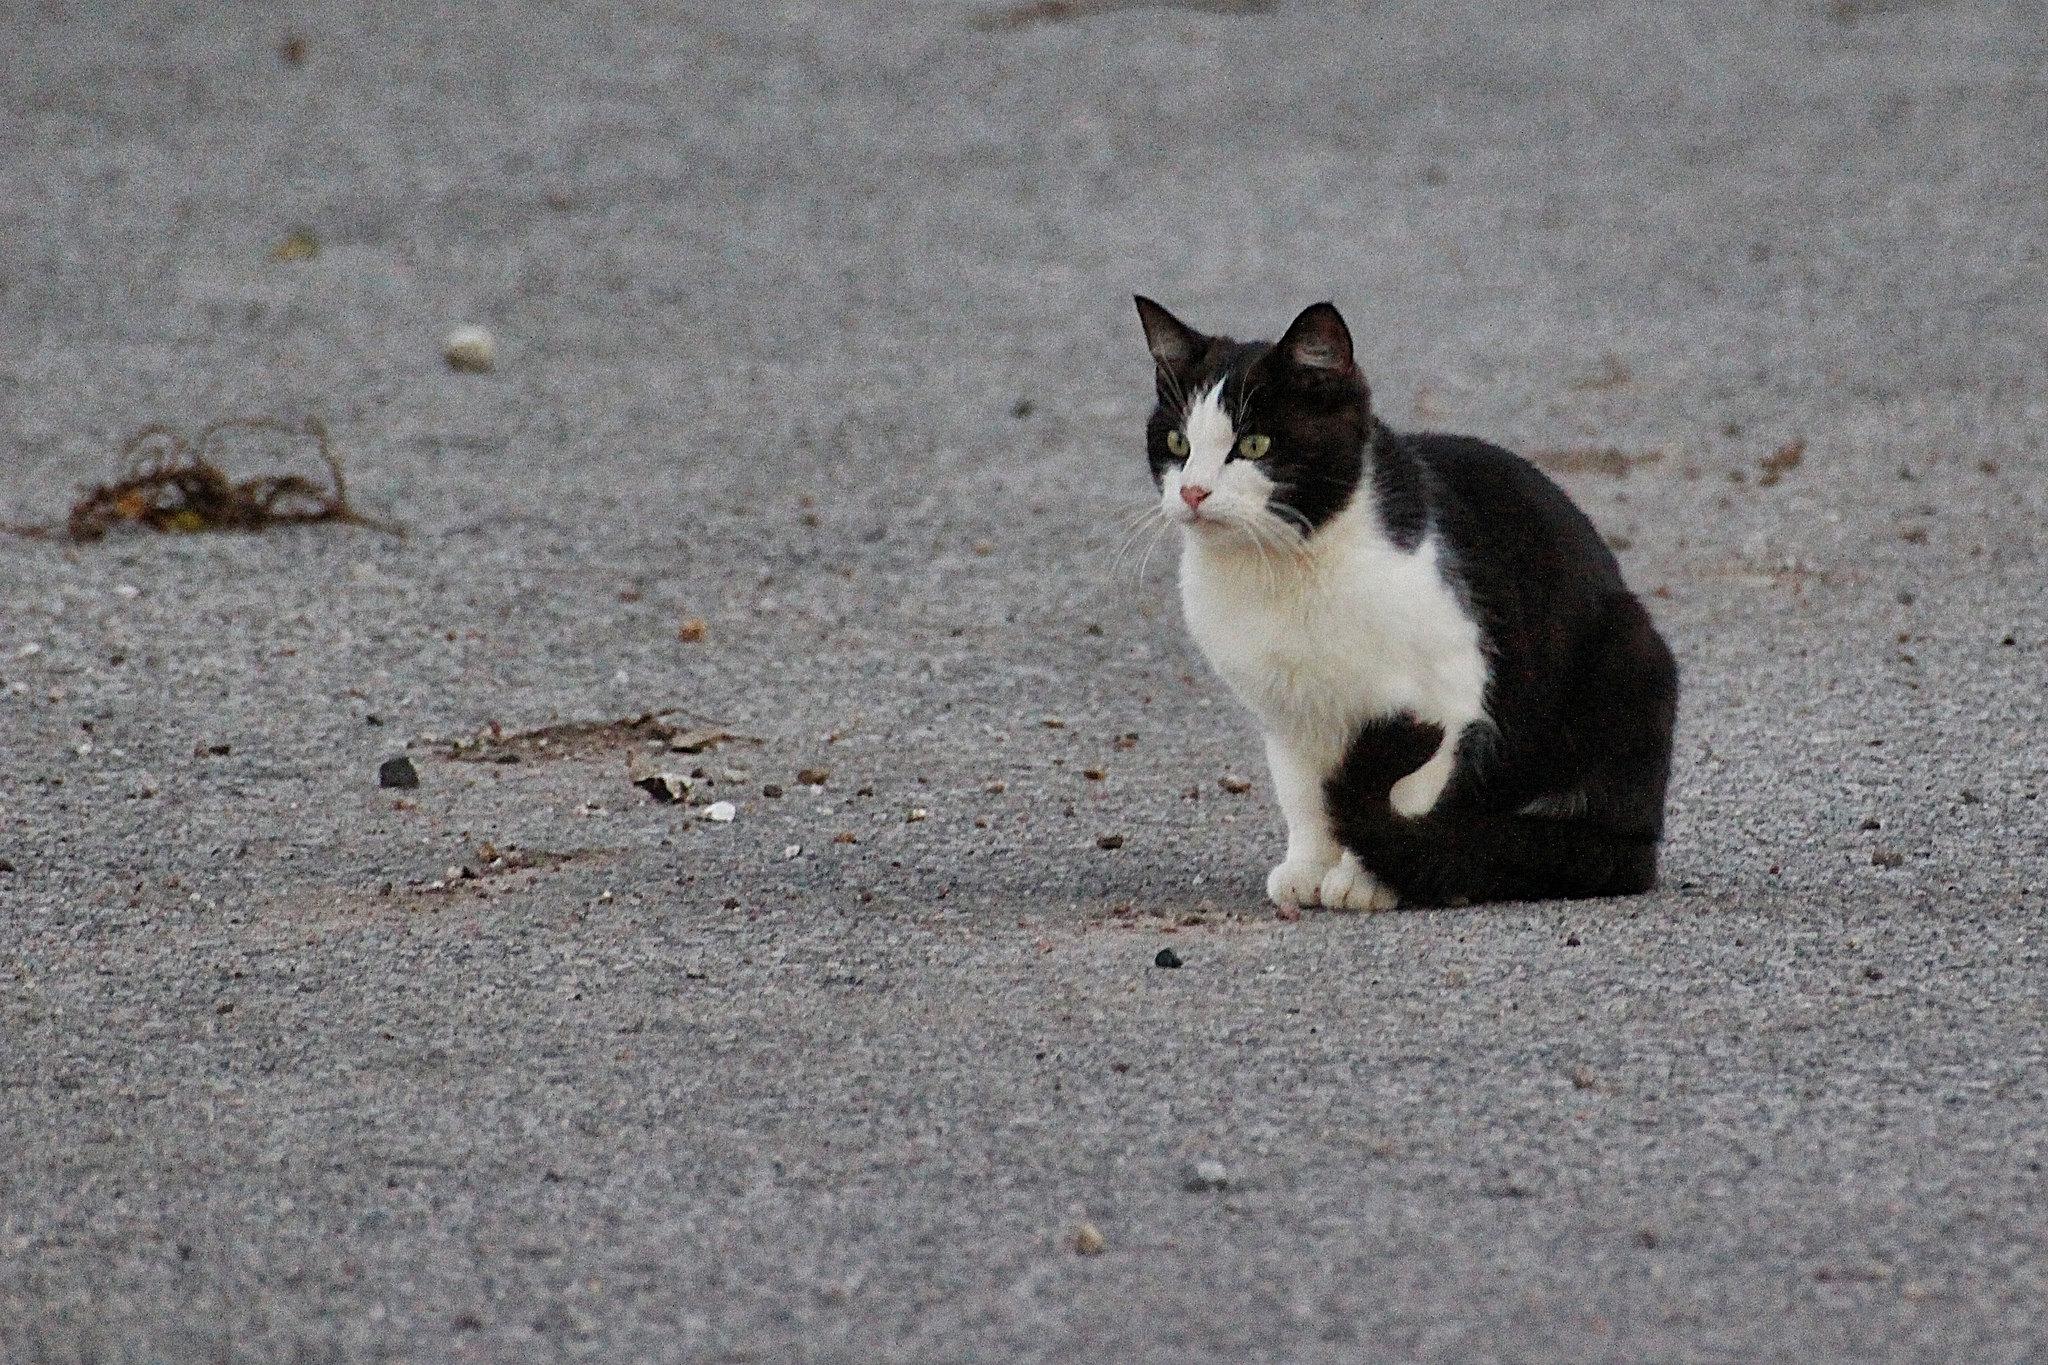 Imagen De Un Gato Blanco Y Negro Sentado